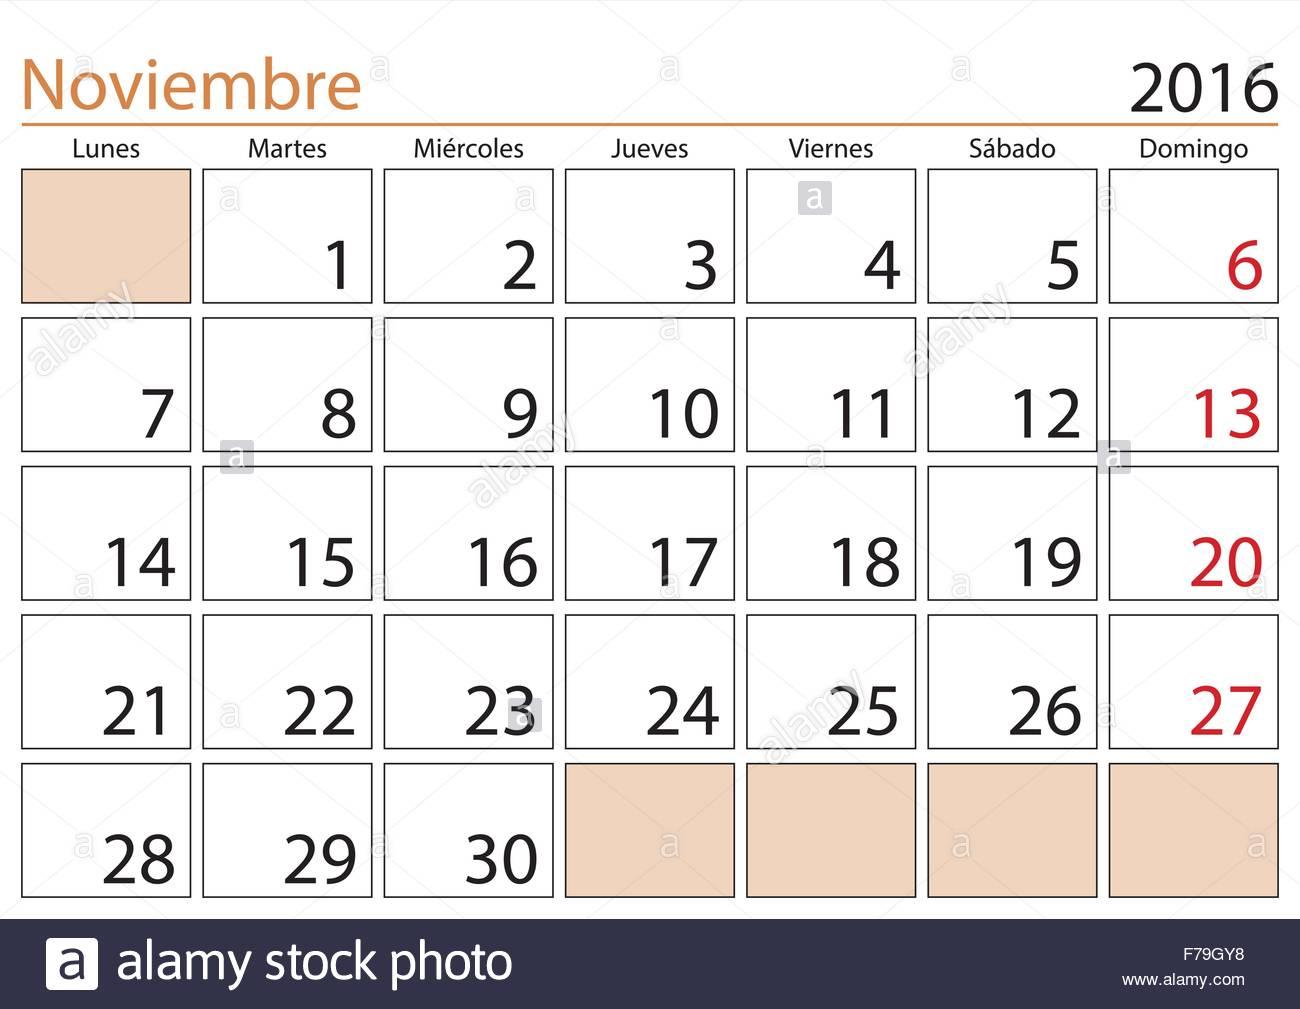 ... in a year 2016 calendar in spanish. Noviembre 2016. Calendario 2016